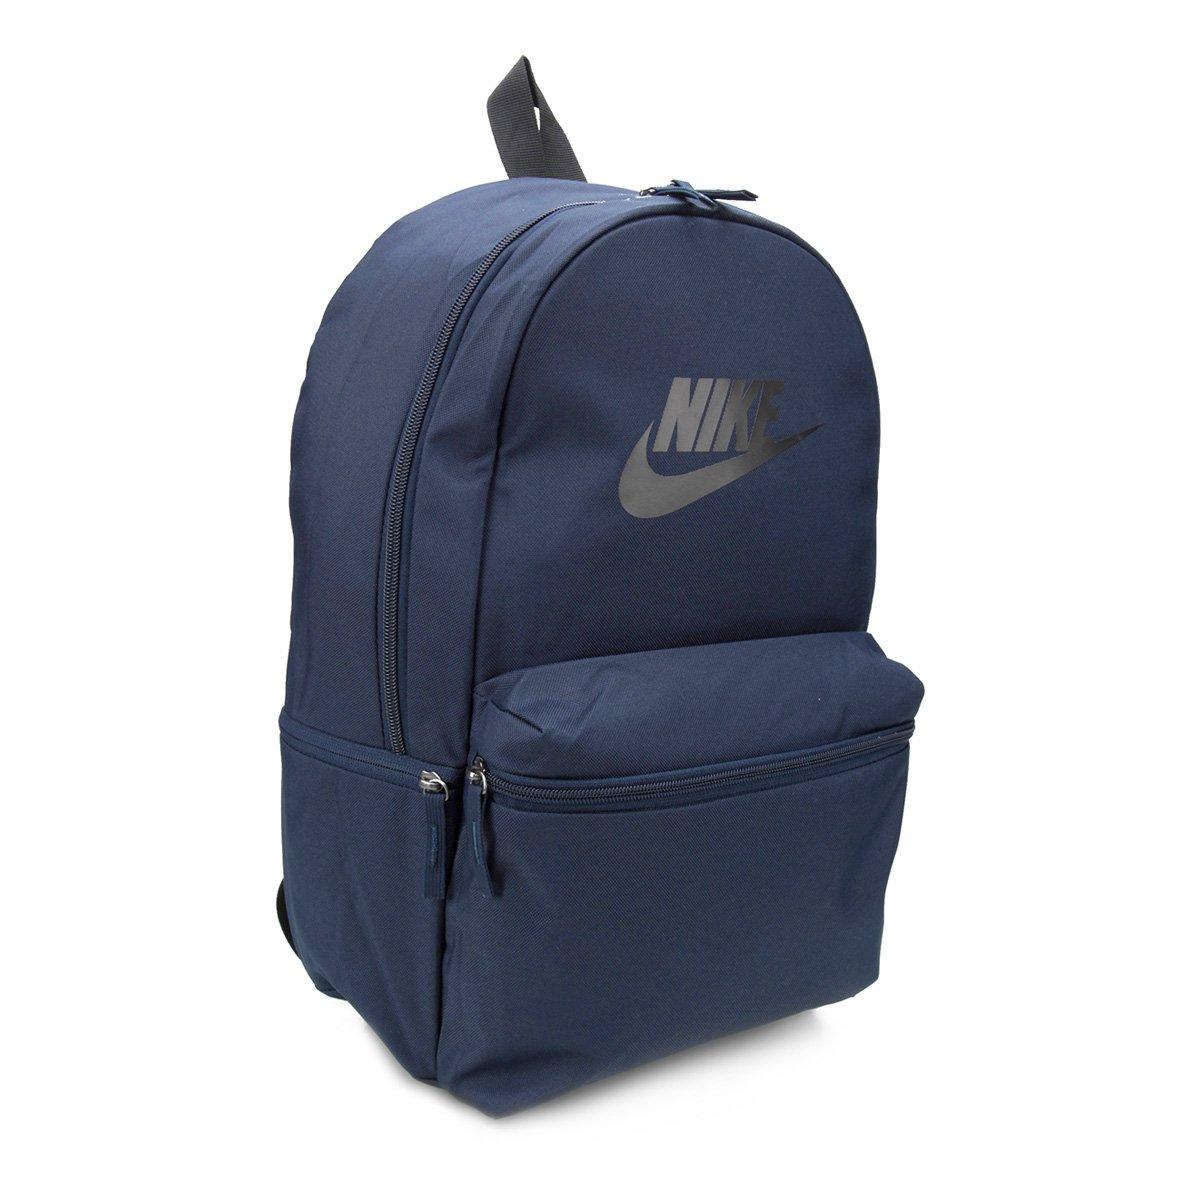 5e9931c06 Mochila Nike Heritage Bkpk | Livelo -Sua Vida com Mais Recompensas